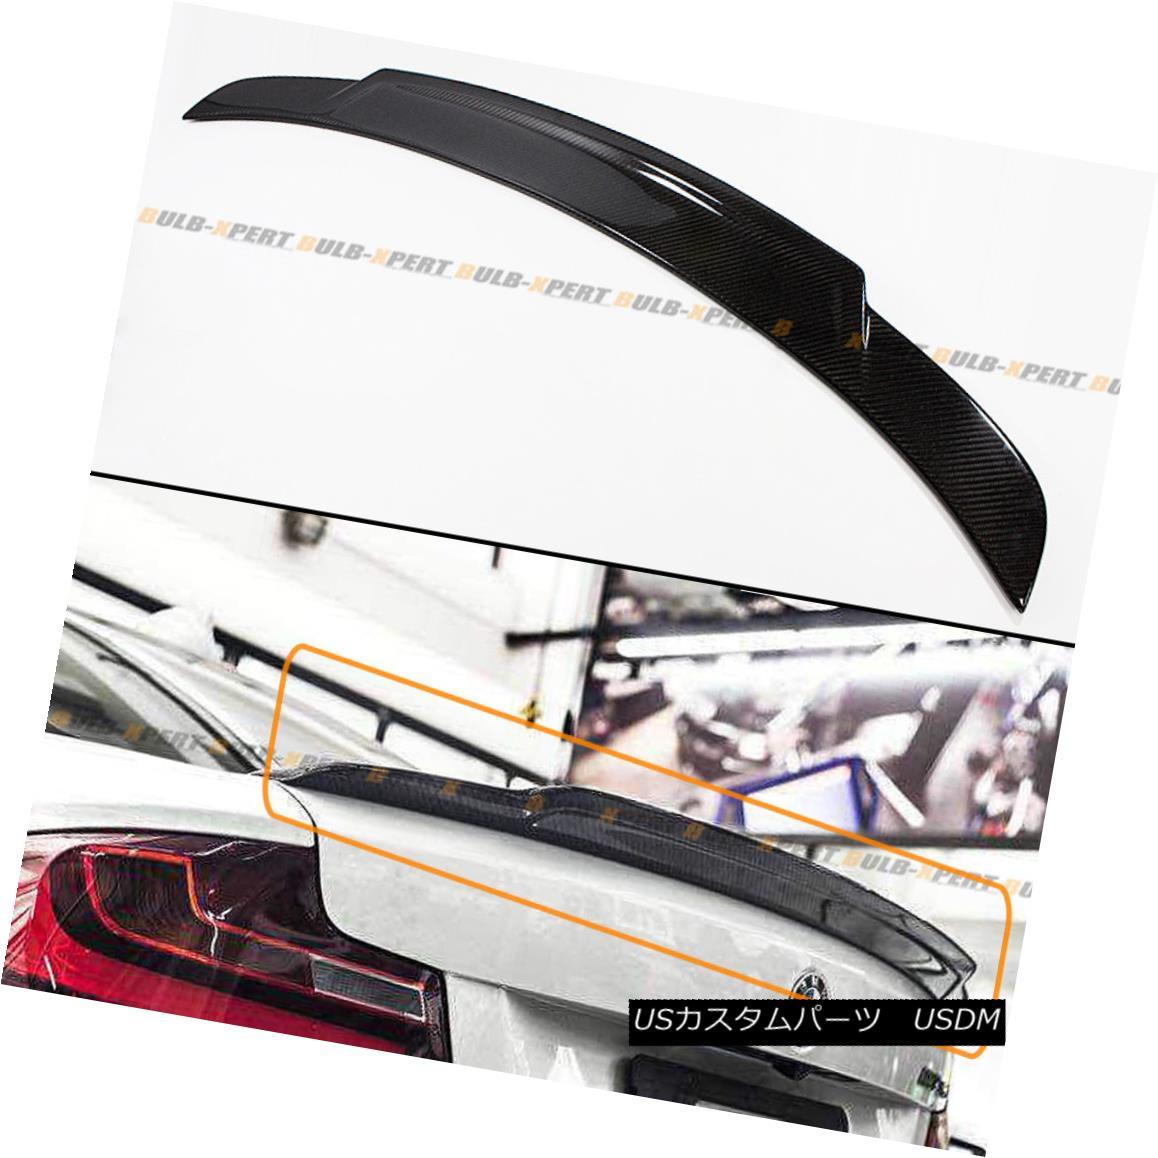 エアロパーツ For 2014-16 BMW F22 M235i 220i Carbon Fiber HighKick Extended Big Trunk Spoiler 2014-16 BMW F22 M235i 220iカーボンファイバーHighKick拡張ビッグトランク・スポイラー